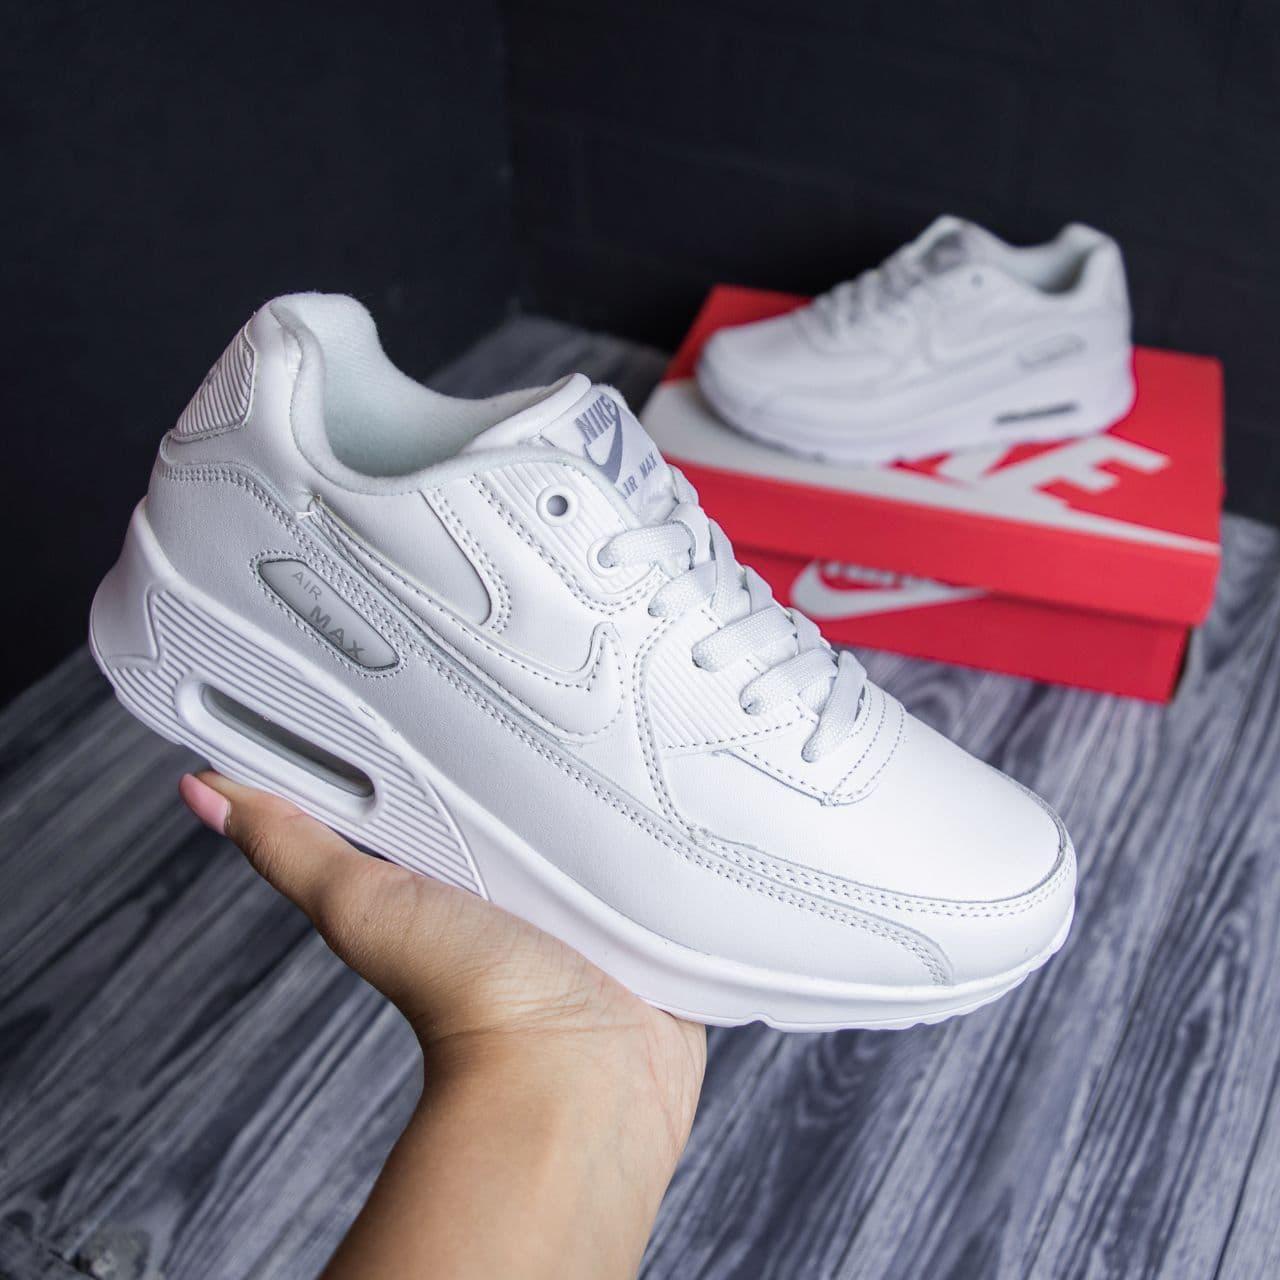 Nike Air Force low білі кросівки найк чоловічі форс кеди 44-45